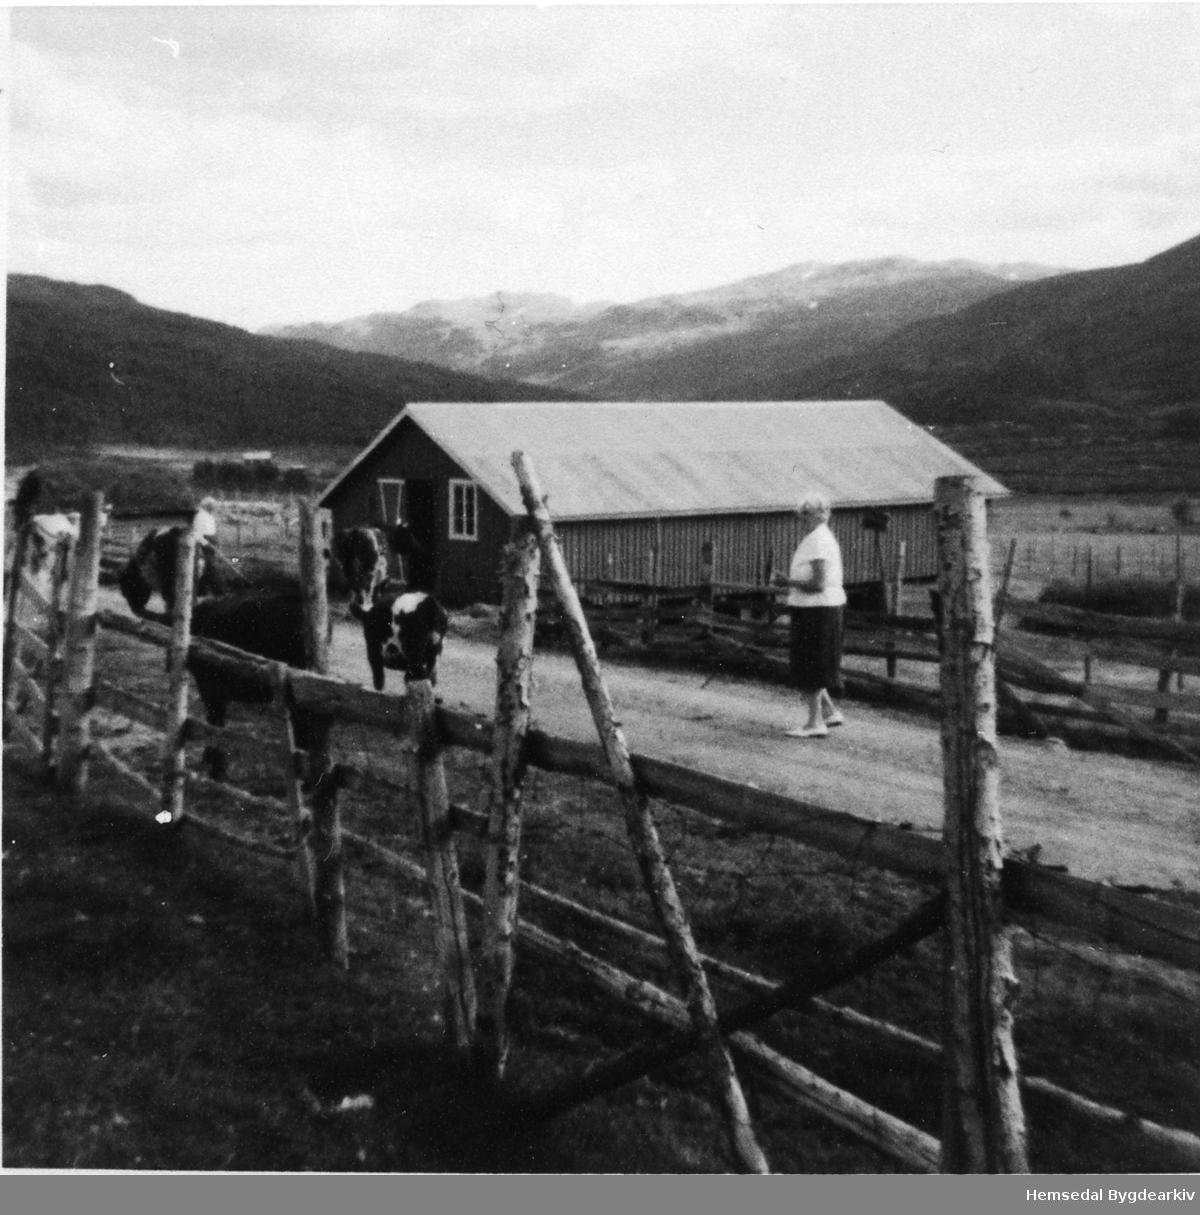 Fjøset til Kyrkjebøen, 69.1, på stølen i Mørekvam i Hemsedal, ca. 1963.